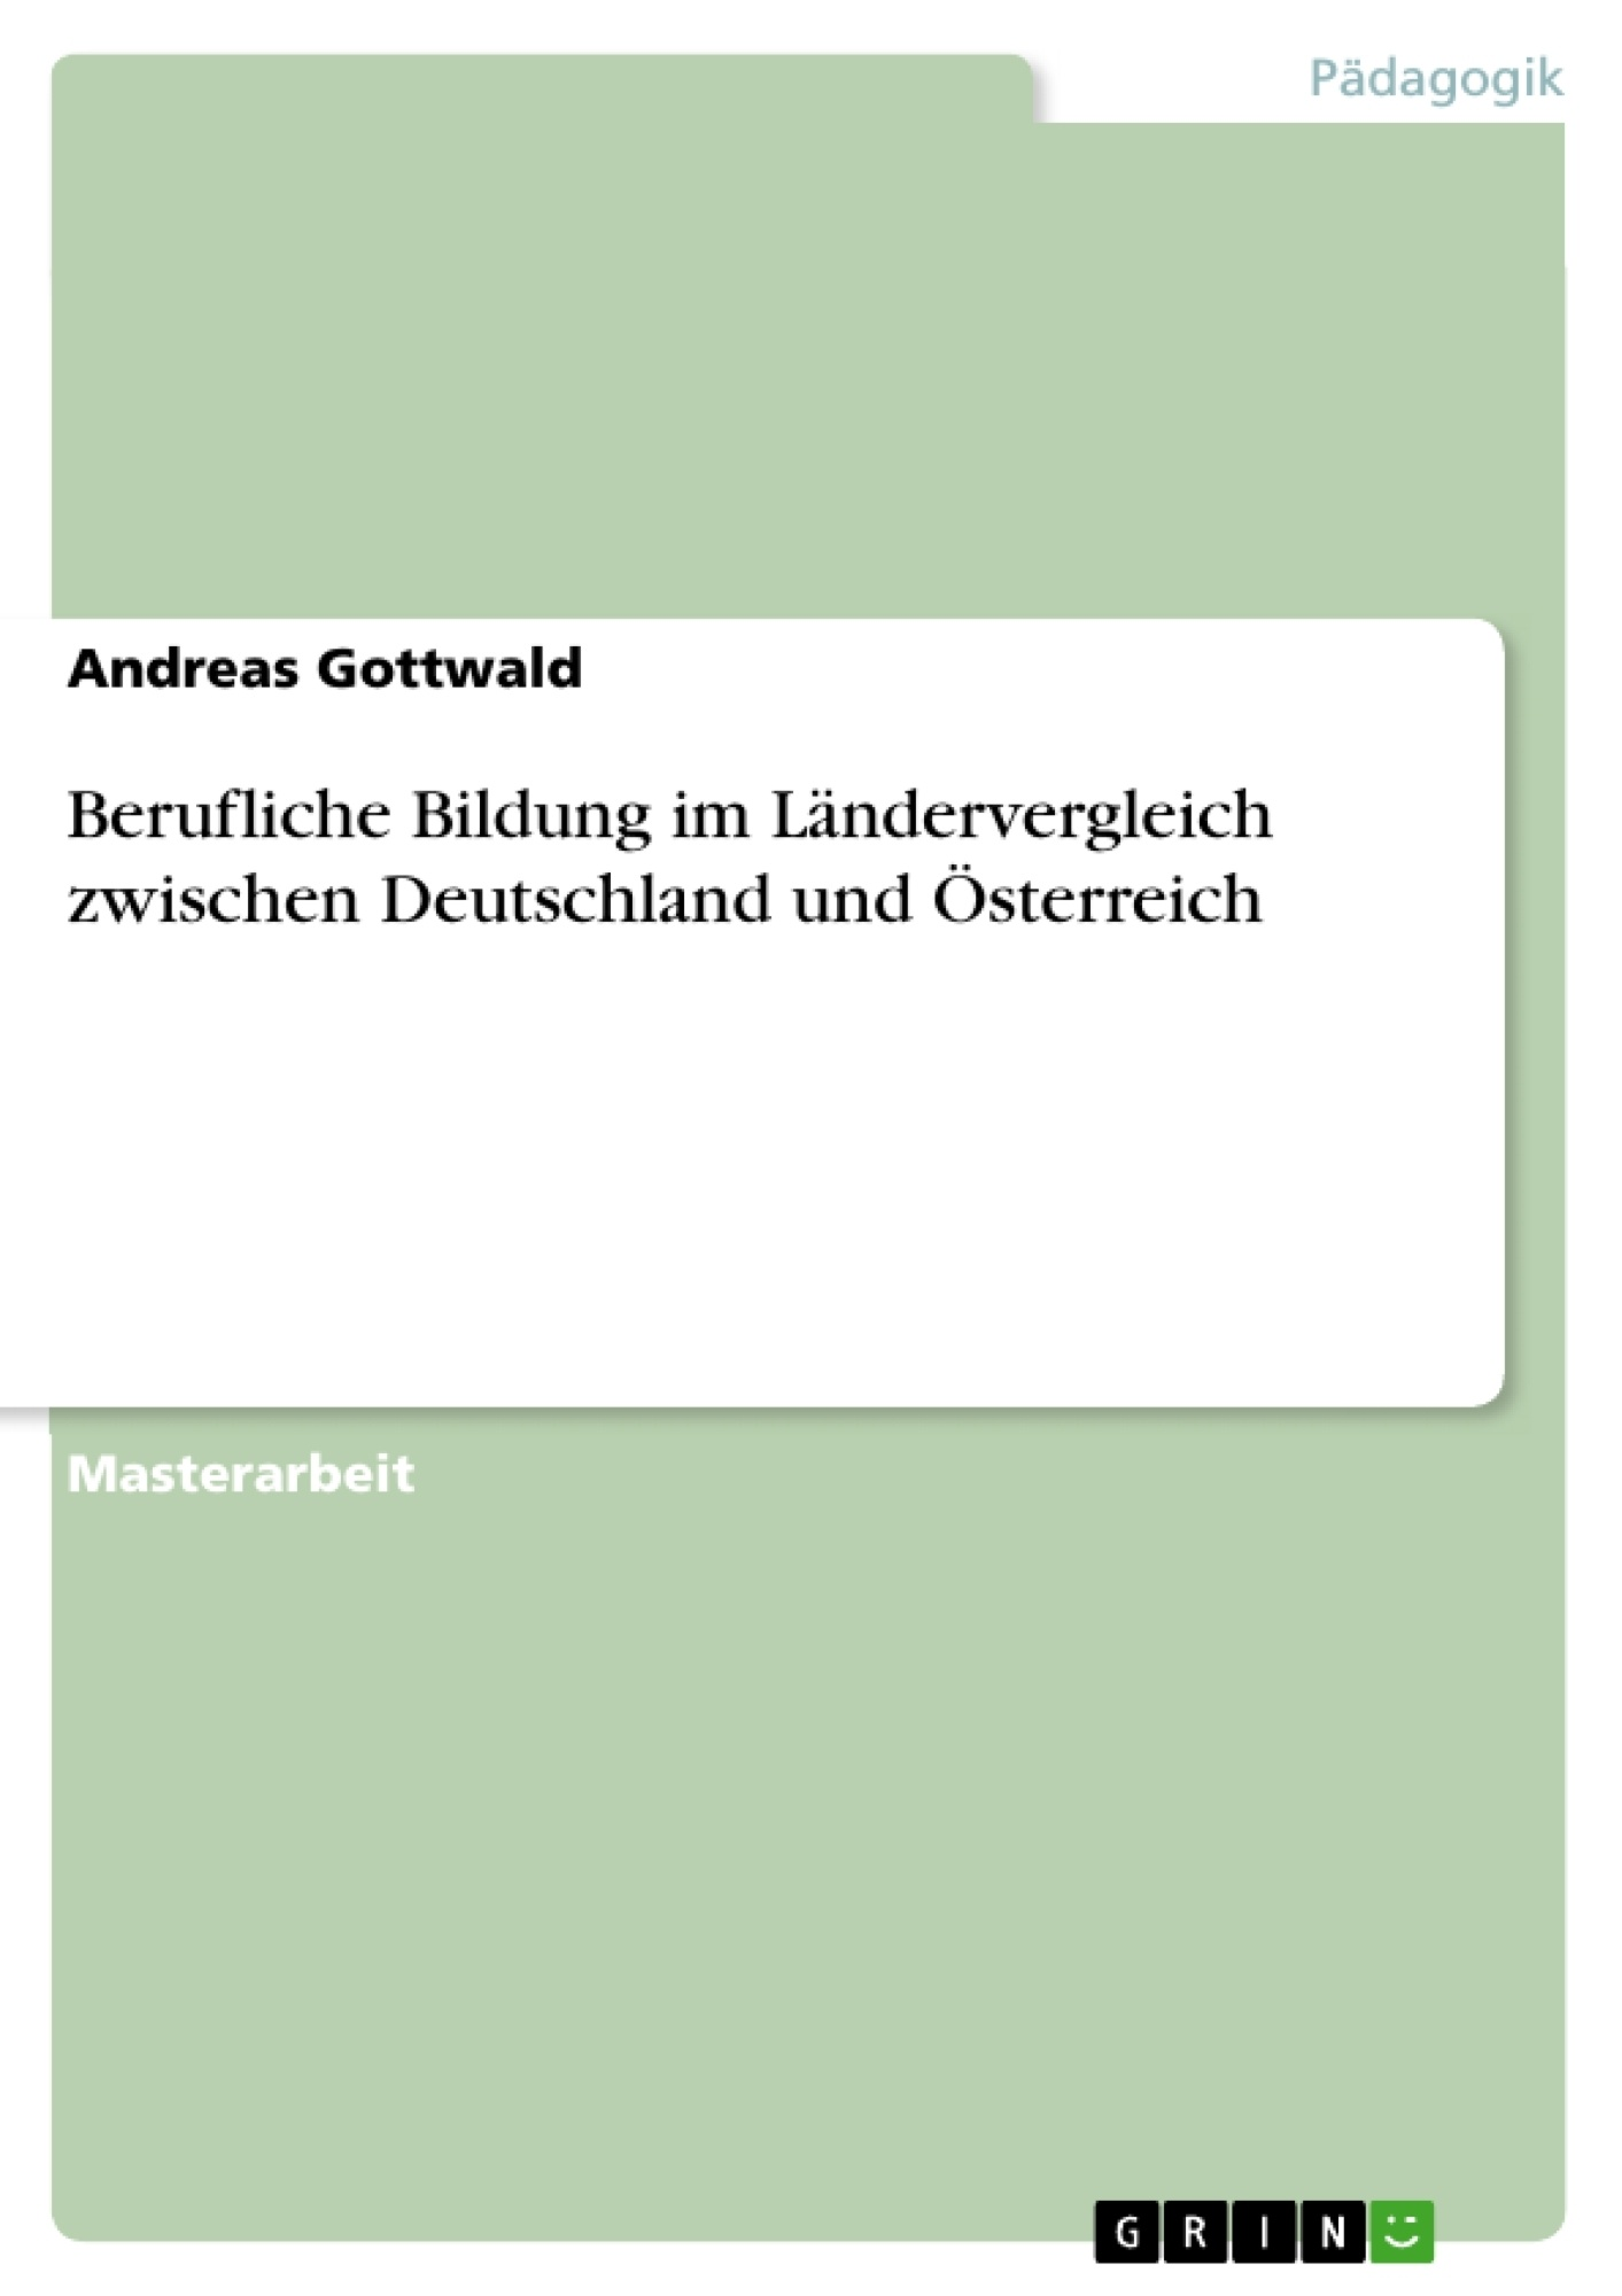 Titel: Berufliche Bildung im Ländervergleich zwischen Deutschland und Österreich